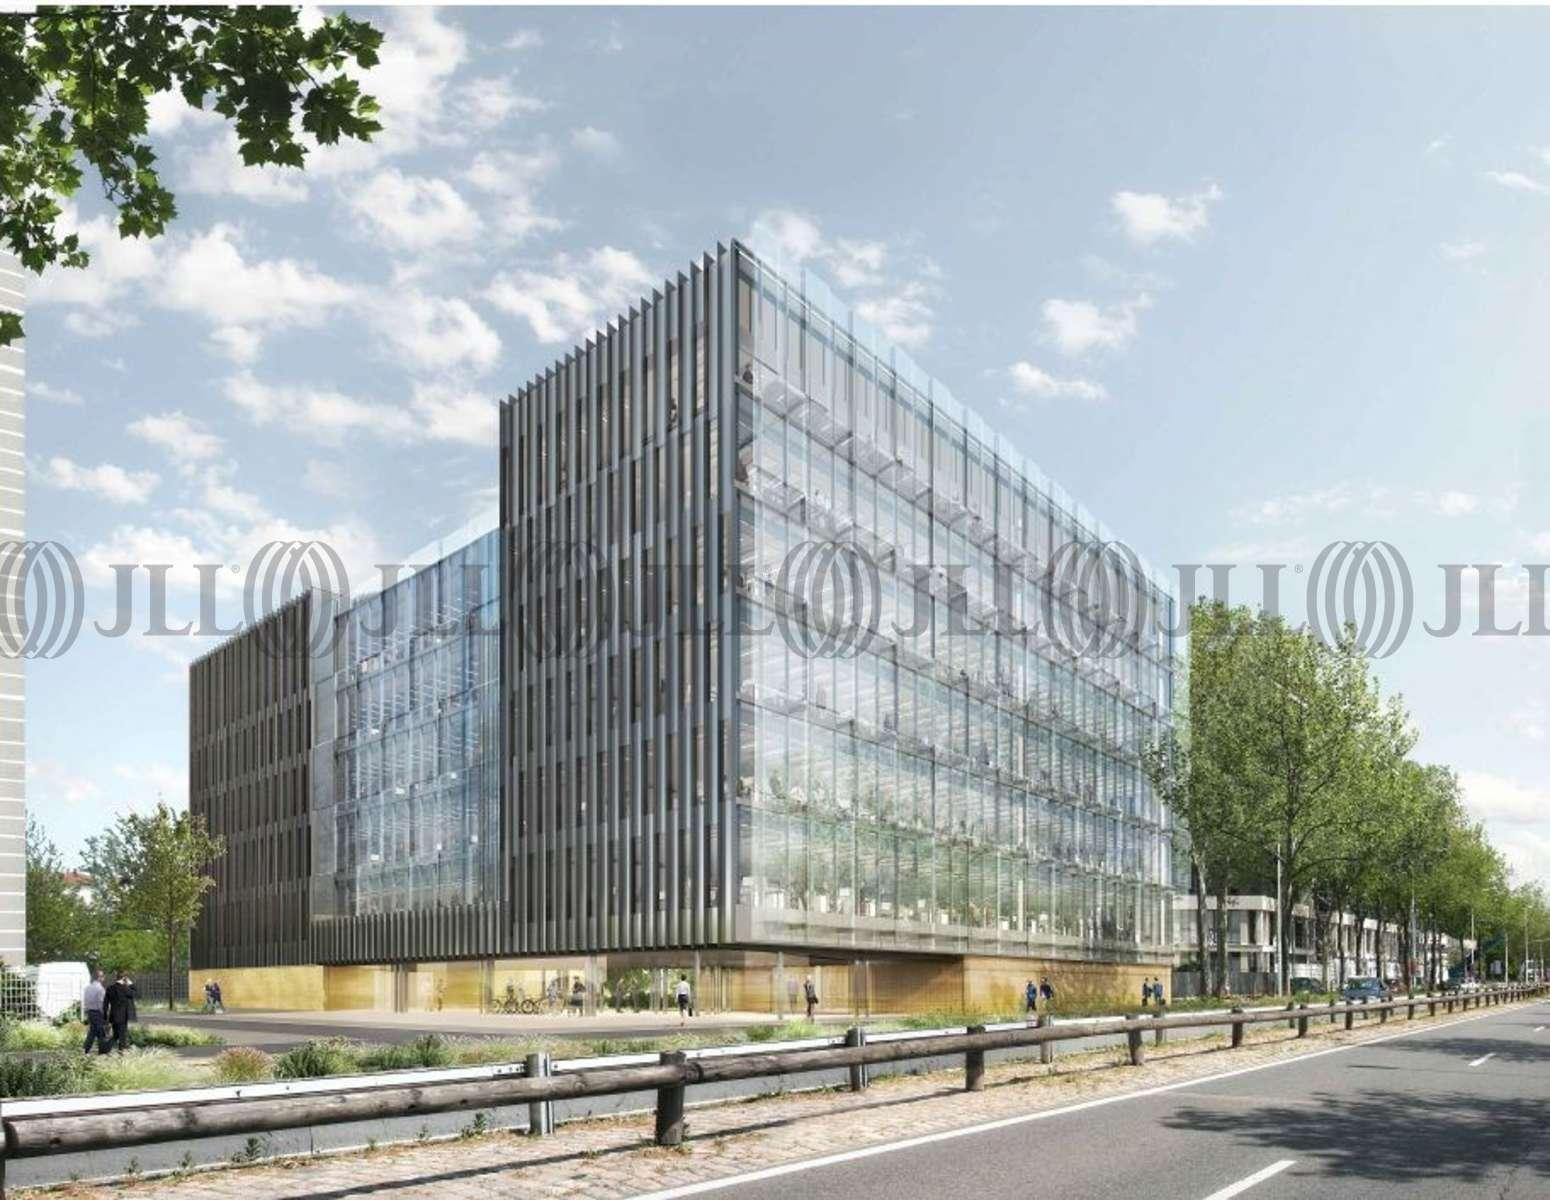 Location Bureaux lyon 5me arrondissement 69005 JLL